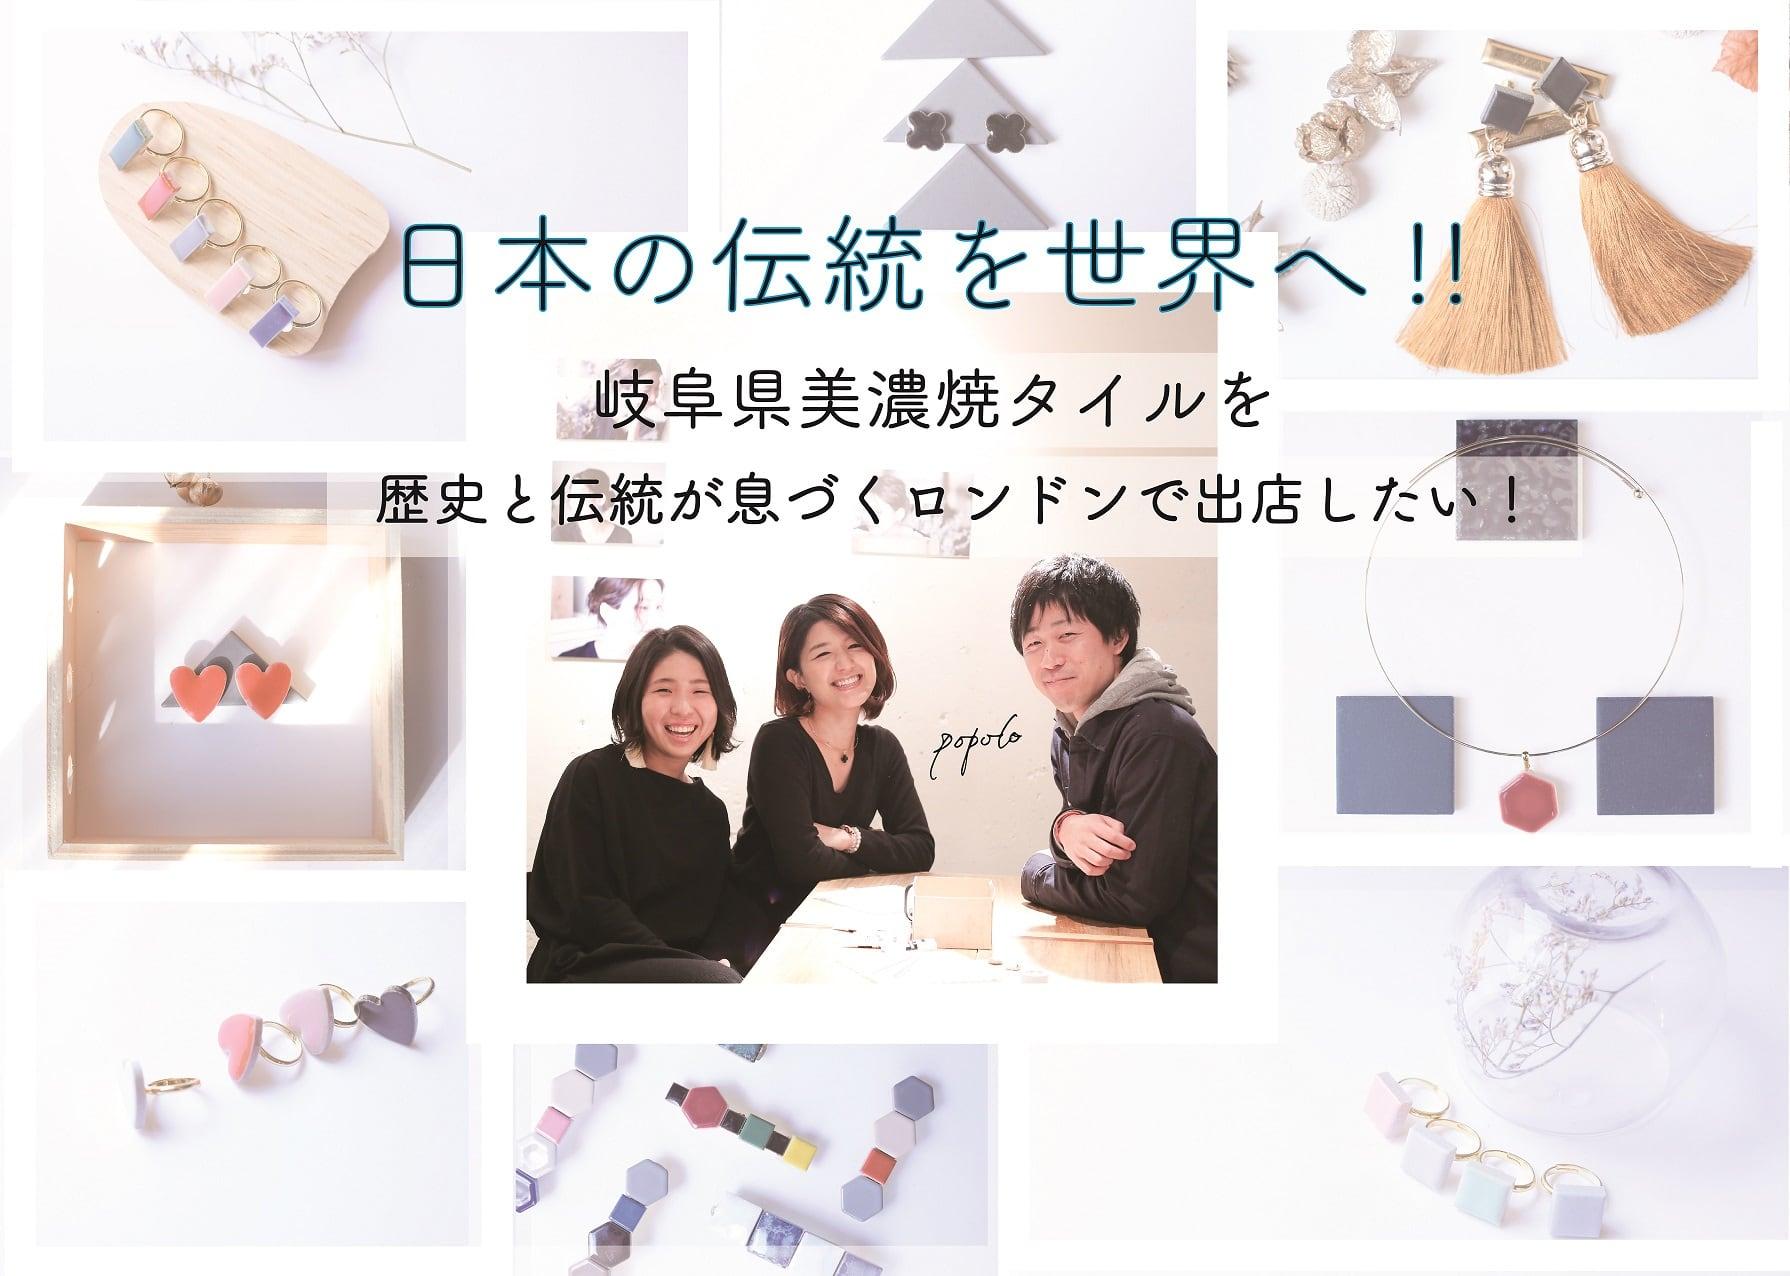 日本の伝統を世界へ!!岐阜県美濃焼タイルpopolo【ぽぽろ】を歴史と伝統が息づくロンドンで出展したい